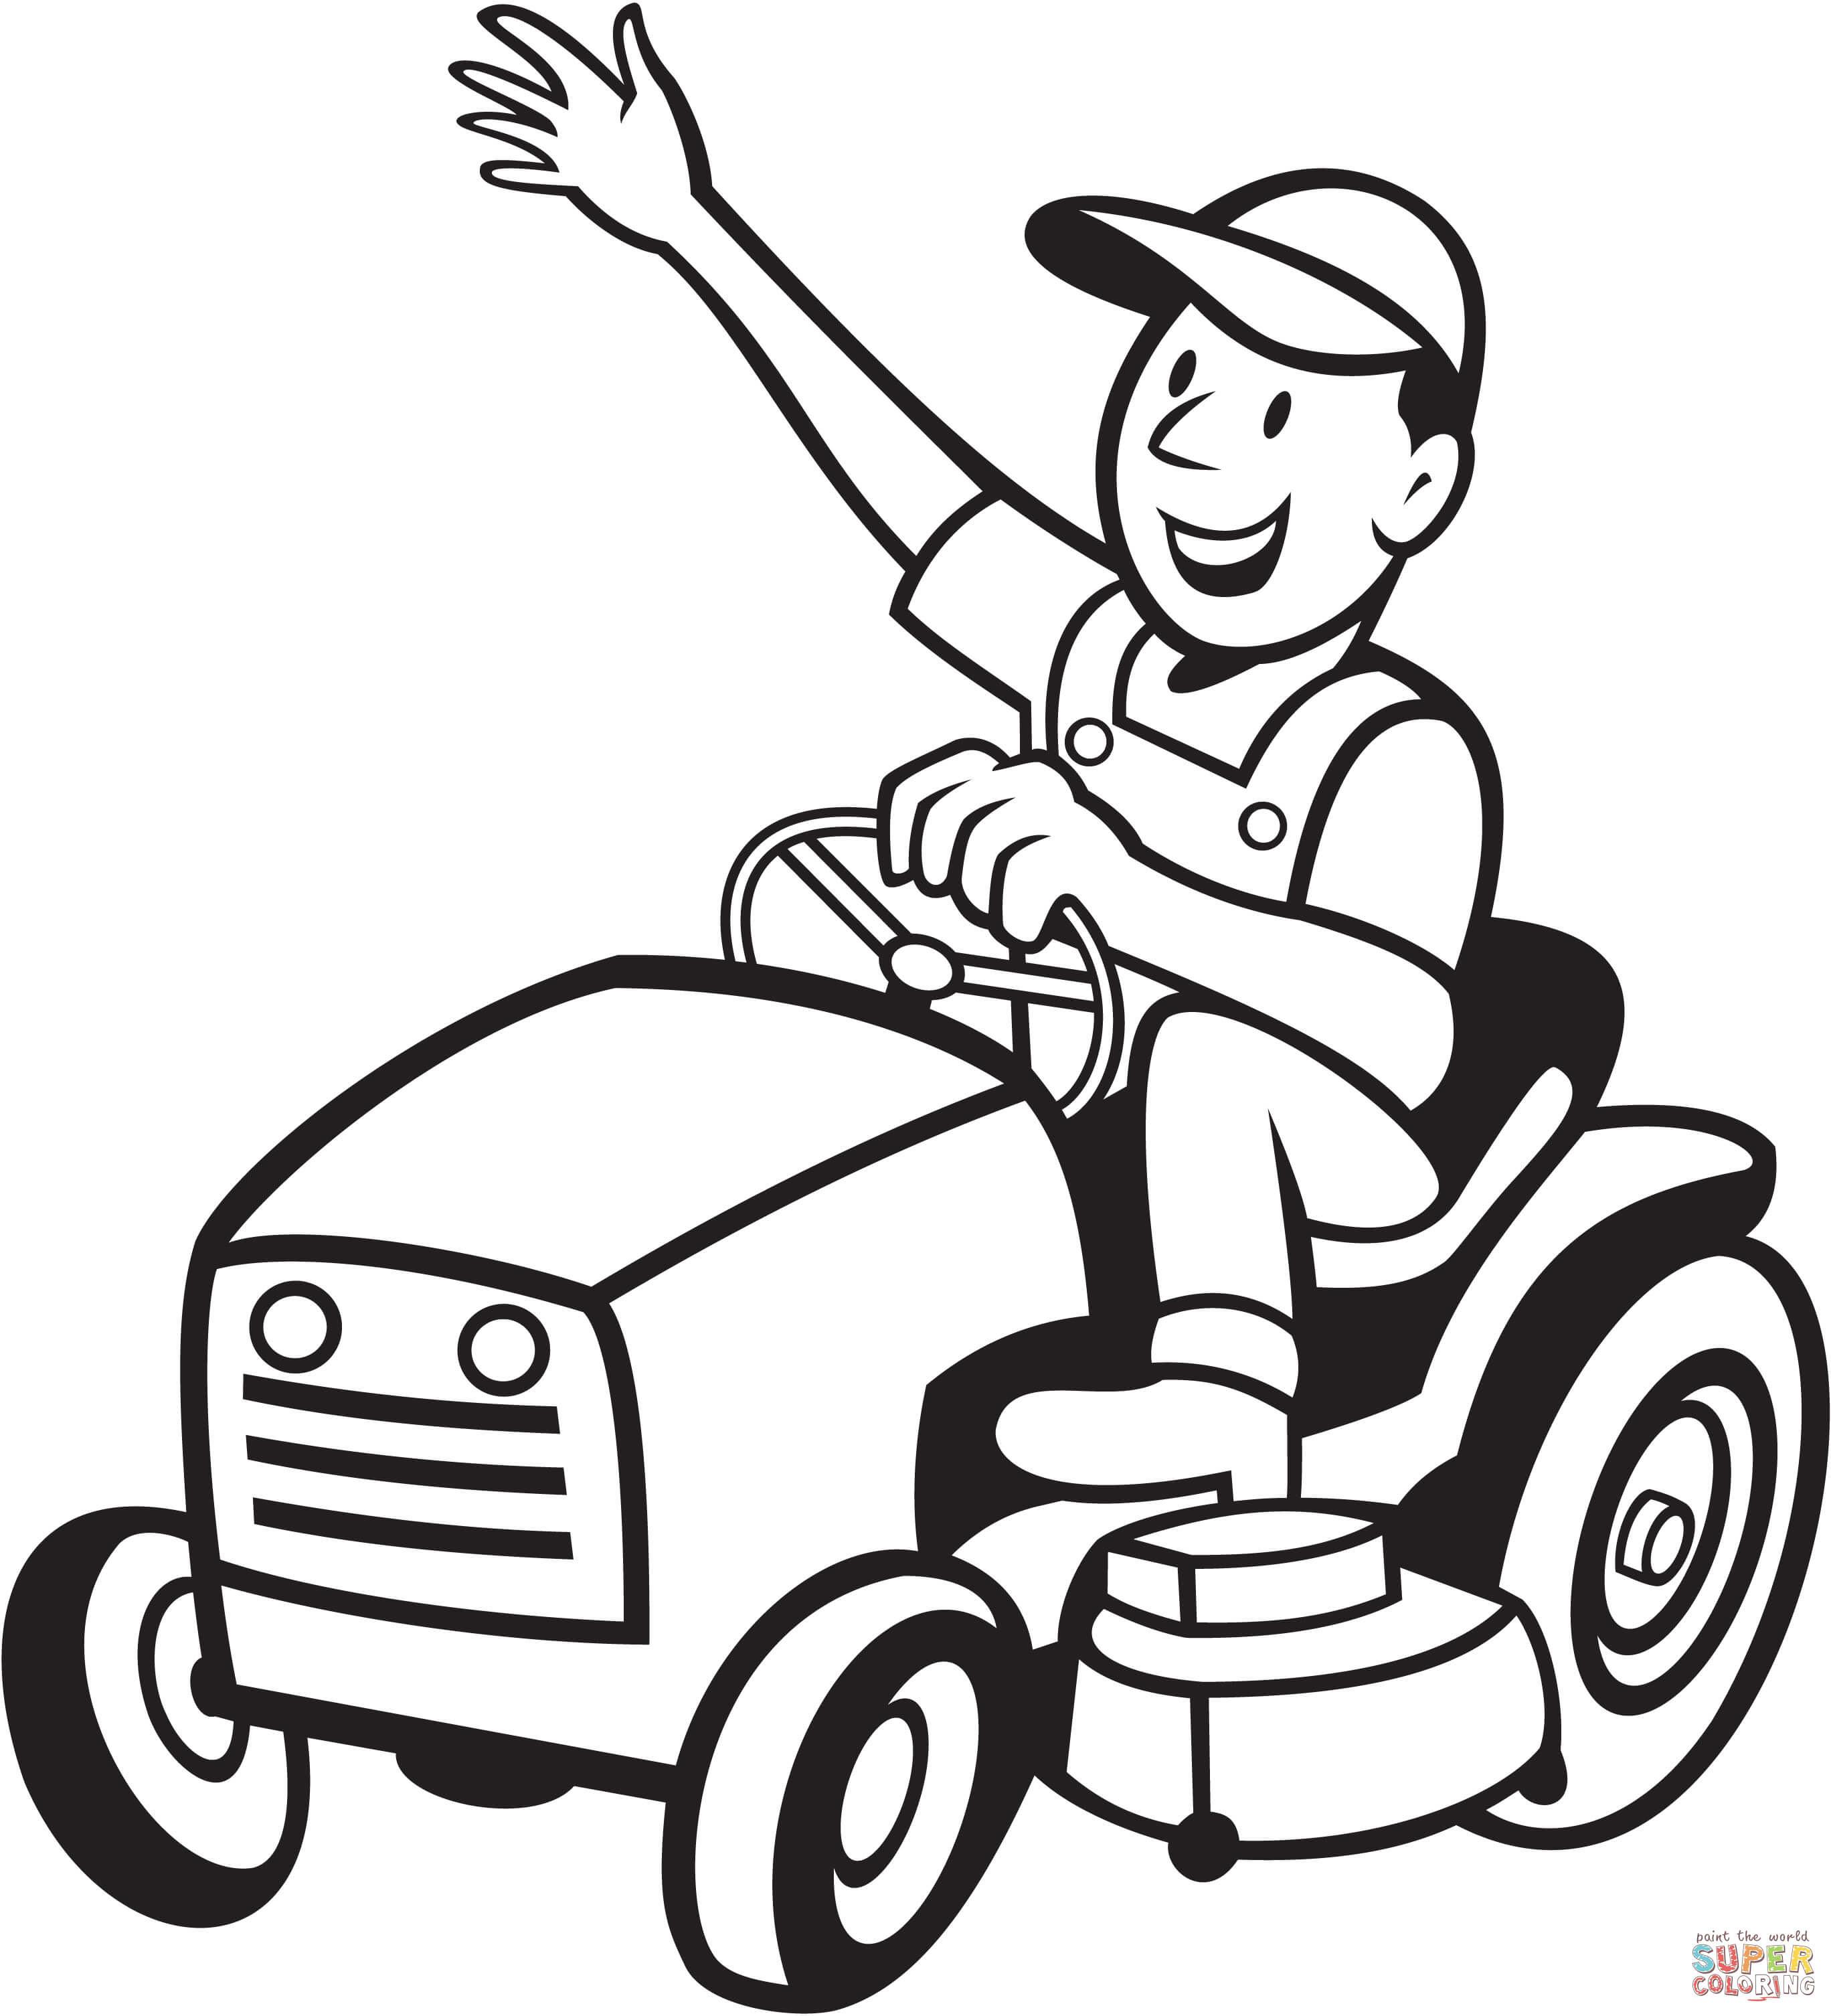 Klick das Bild Bauer fährt einen Traktor Mäher